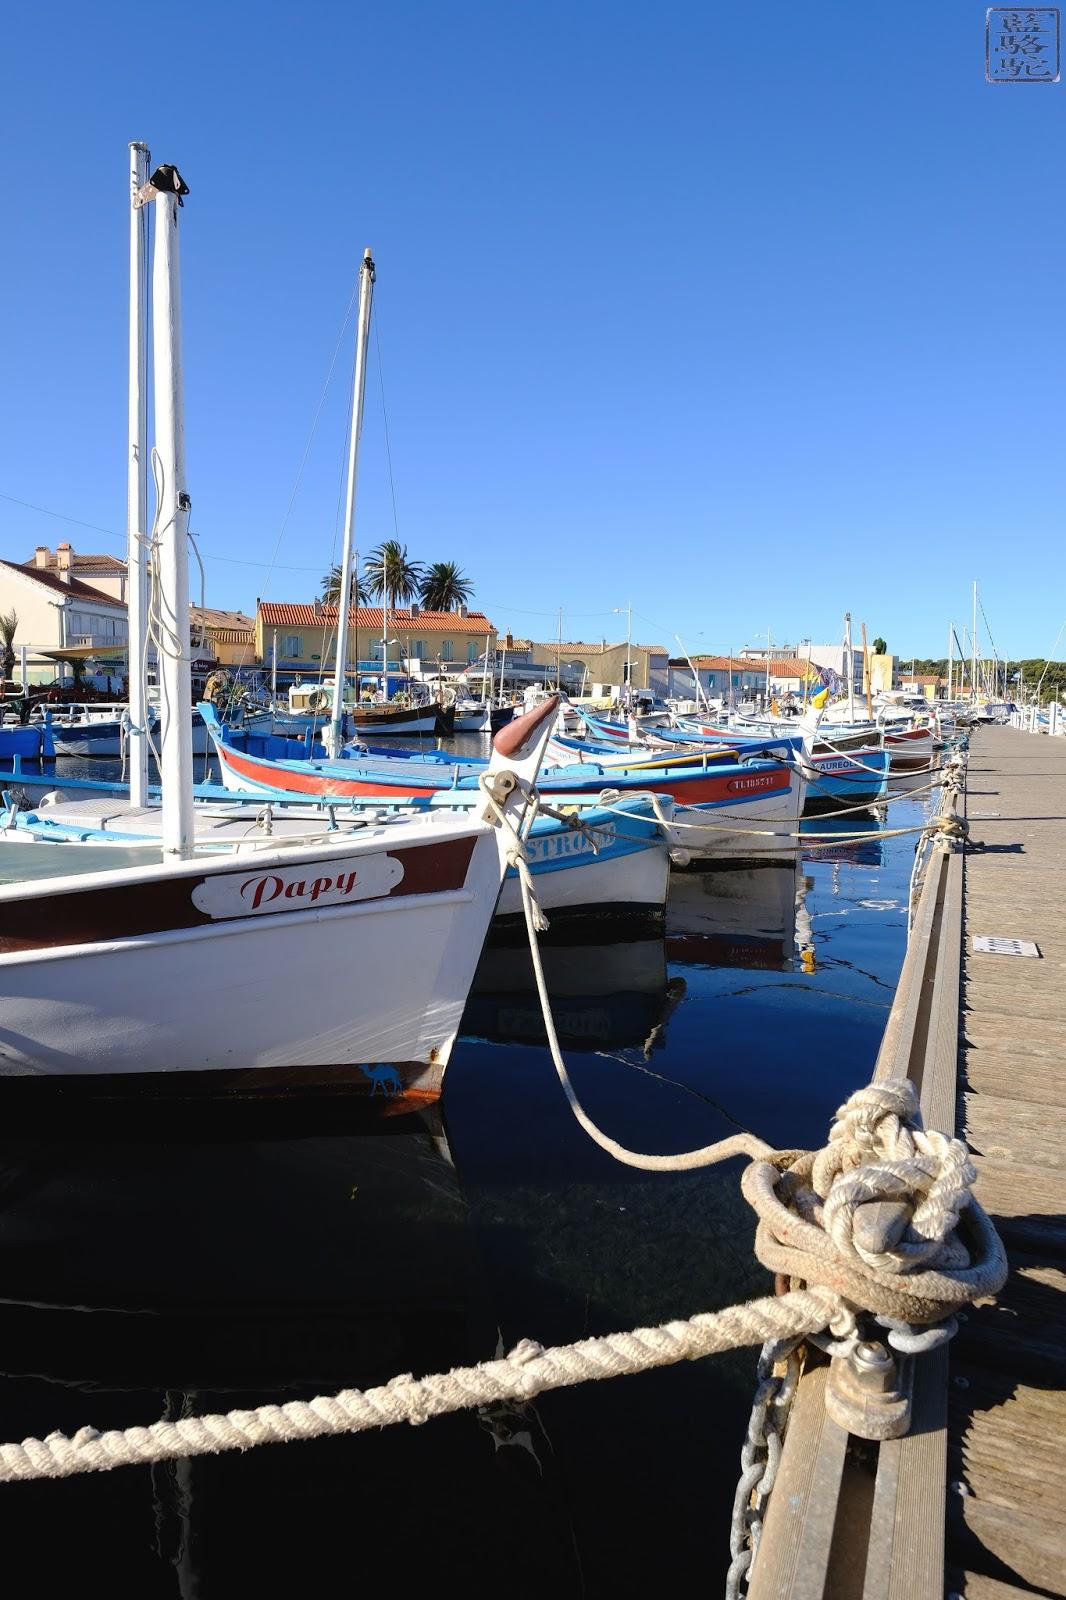 Le Chameau Bleu - Blog Voyage Var - Port du Brusc - Var